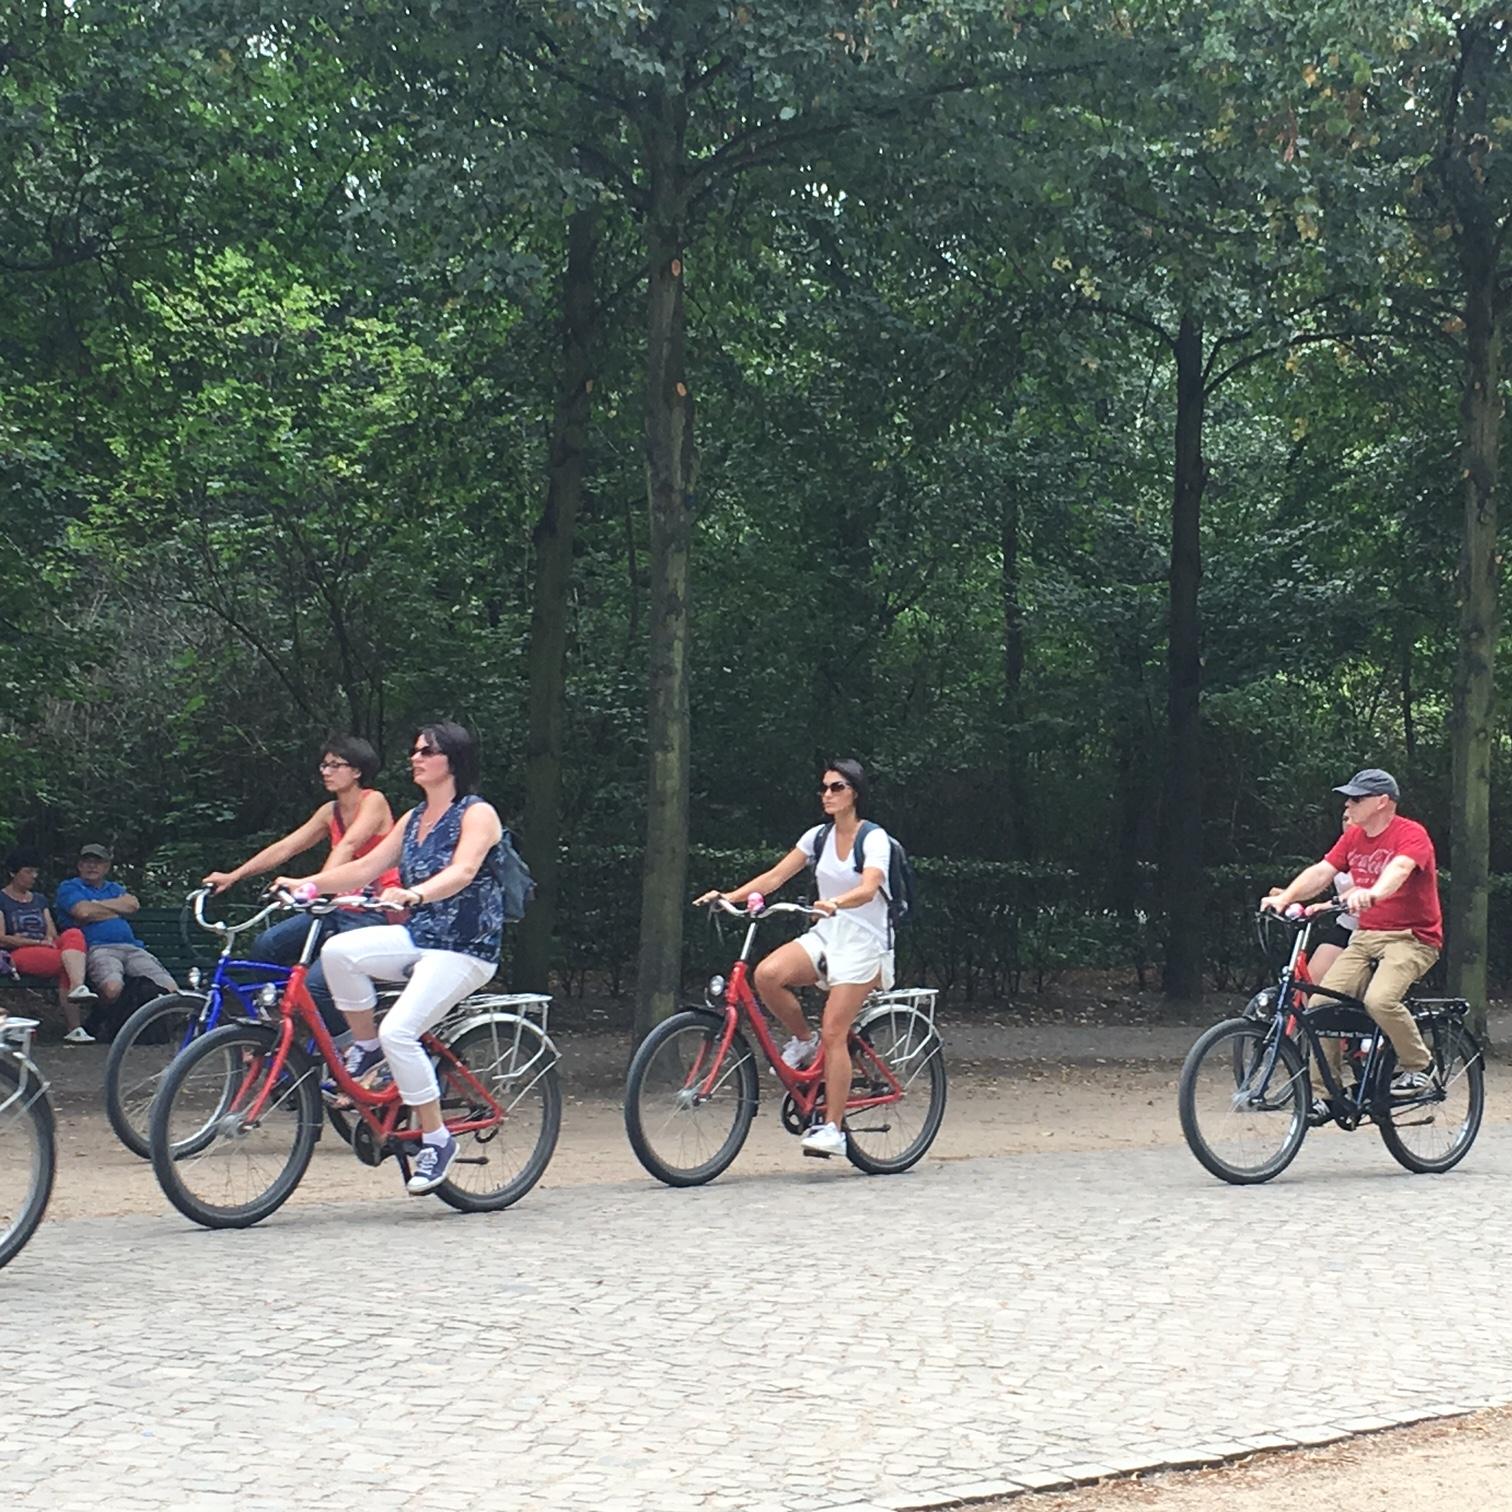 Tiergarten, Berlin by The Doubtful Traveller